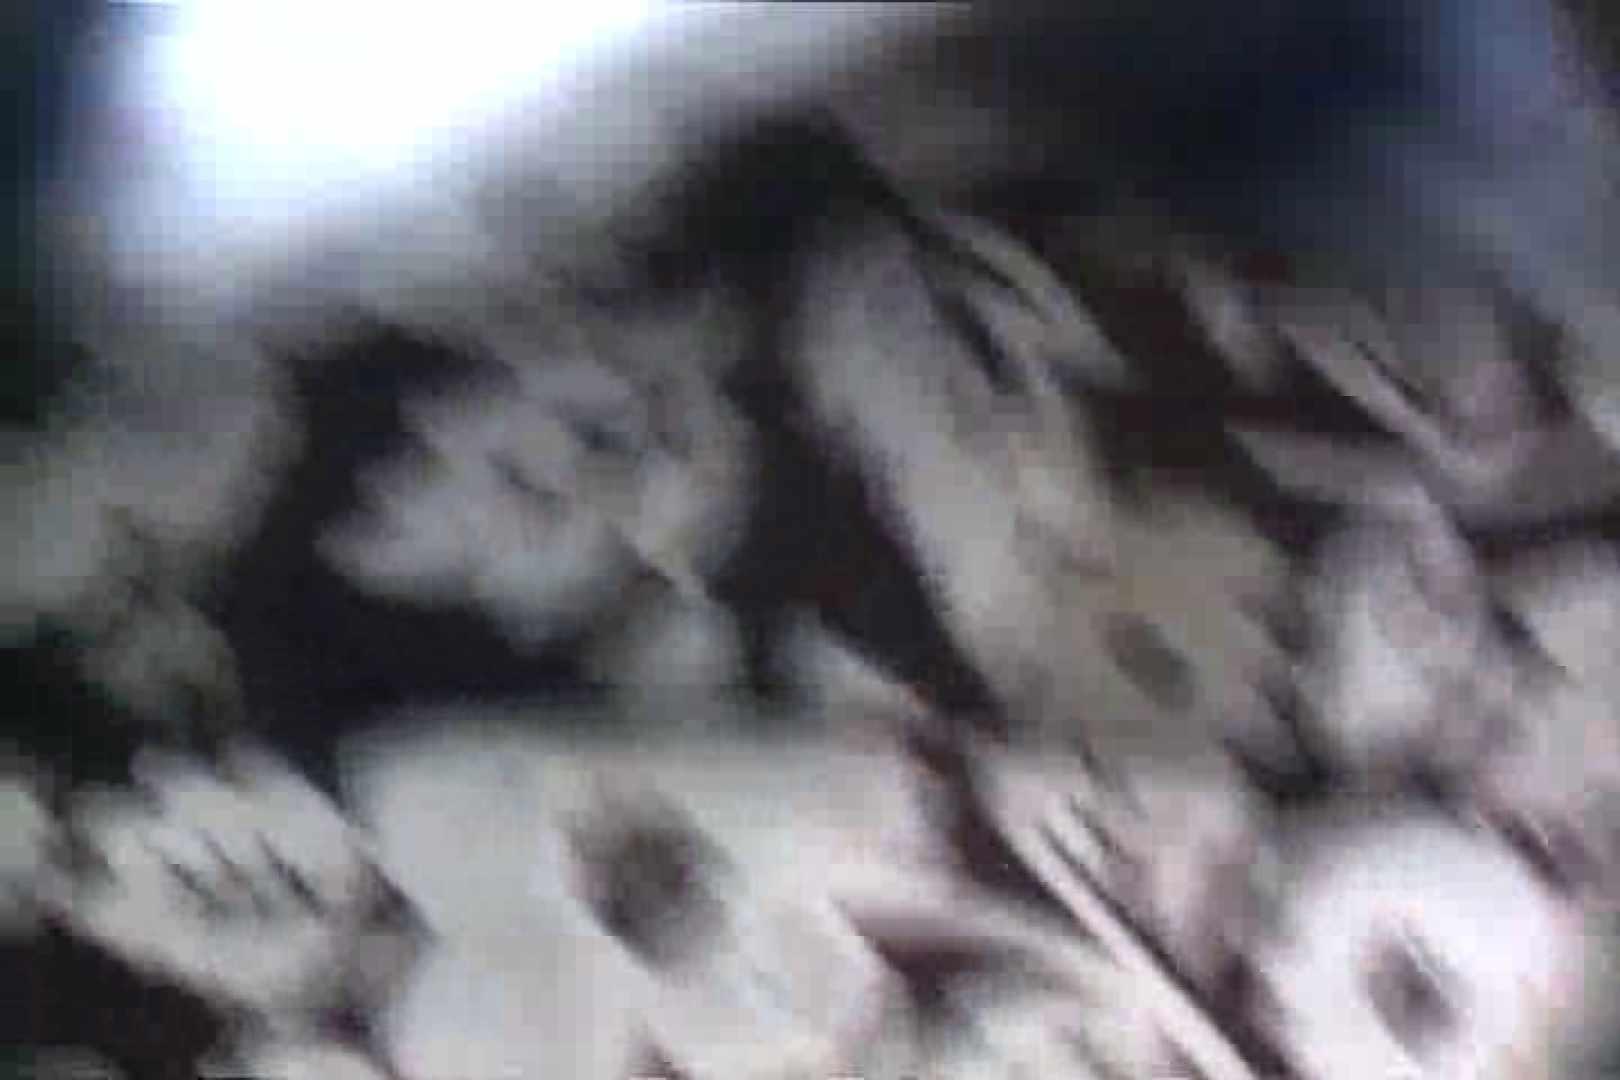 がぶりより!!ムレヌレパンツVol.2 接写 盗撮アダルト動画キャプチャ 56pic 8